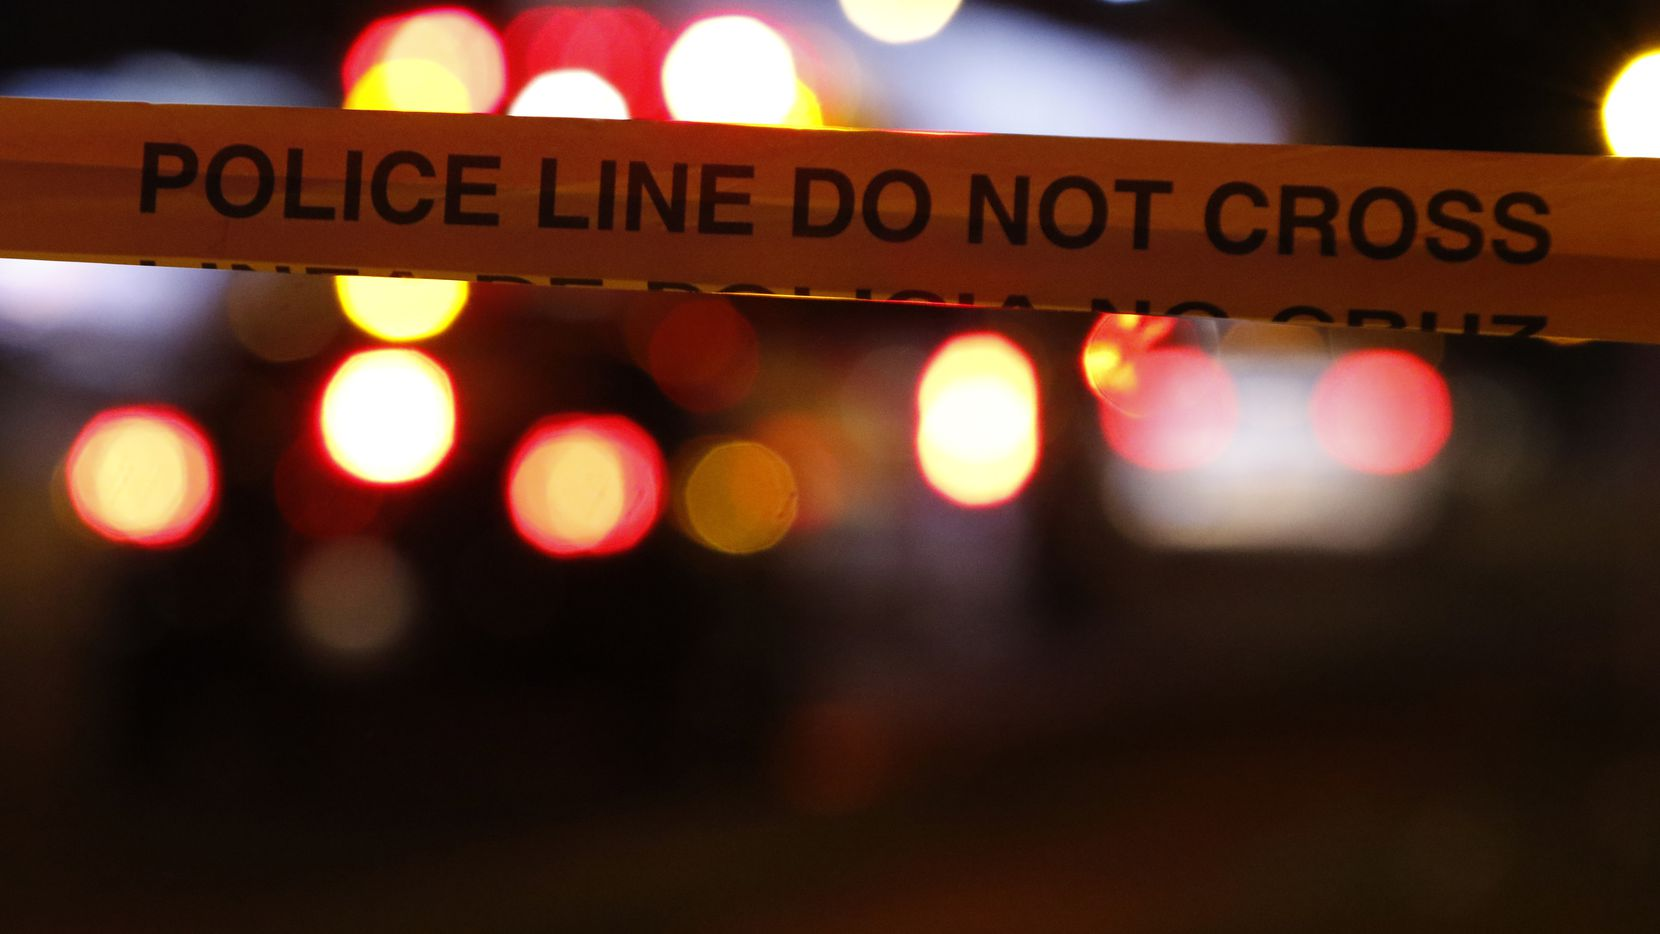 La policía arrestó a un sospechoso de homicidio que se habría disfrazado para asesinar a su esposa.